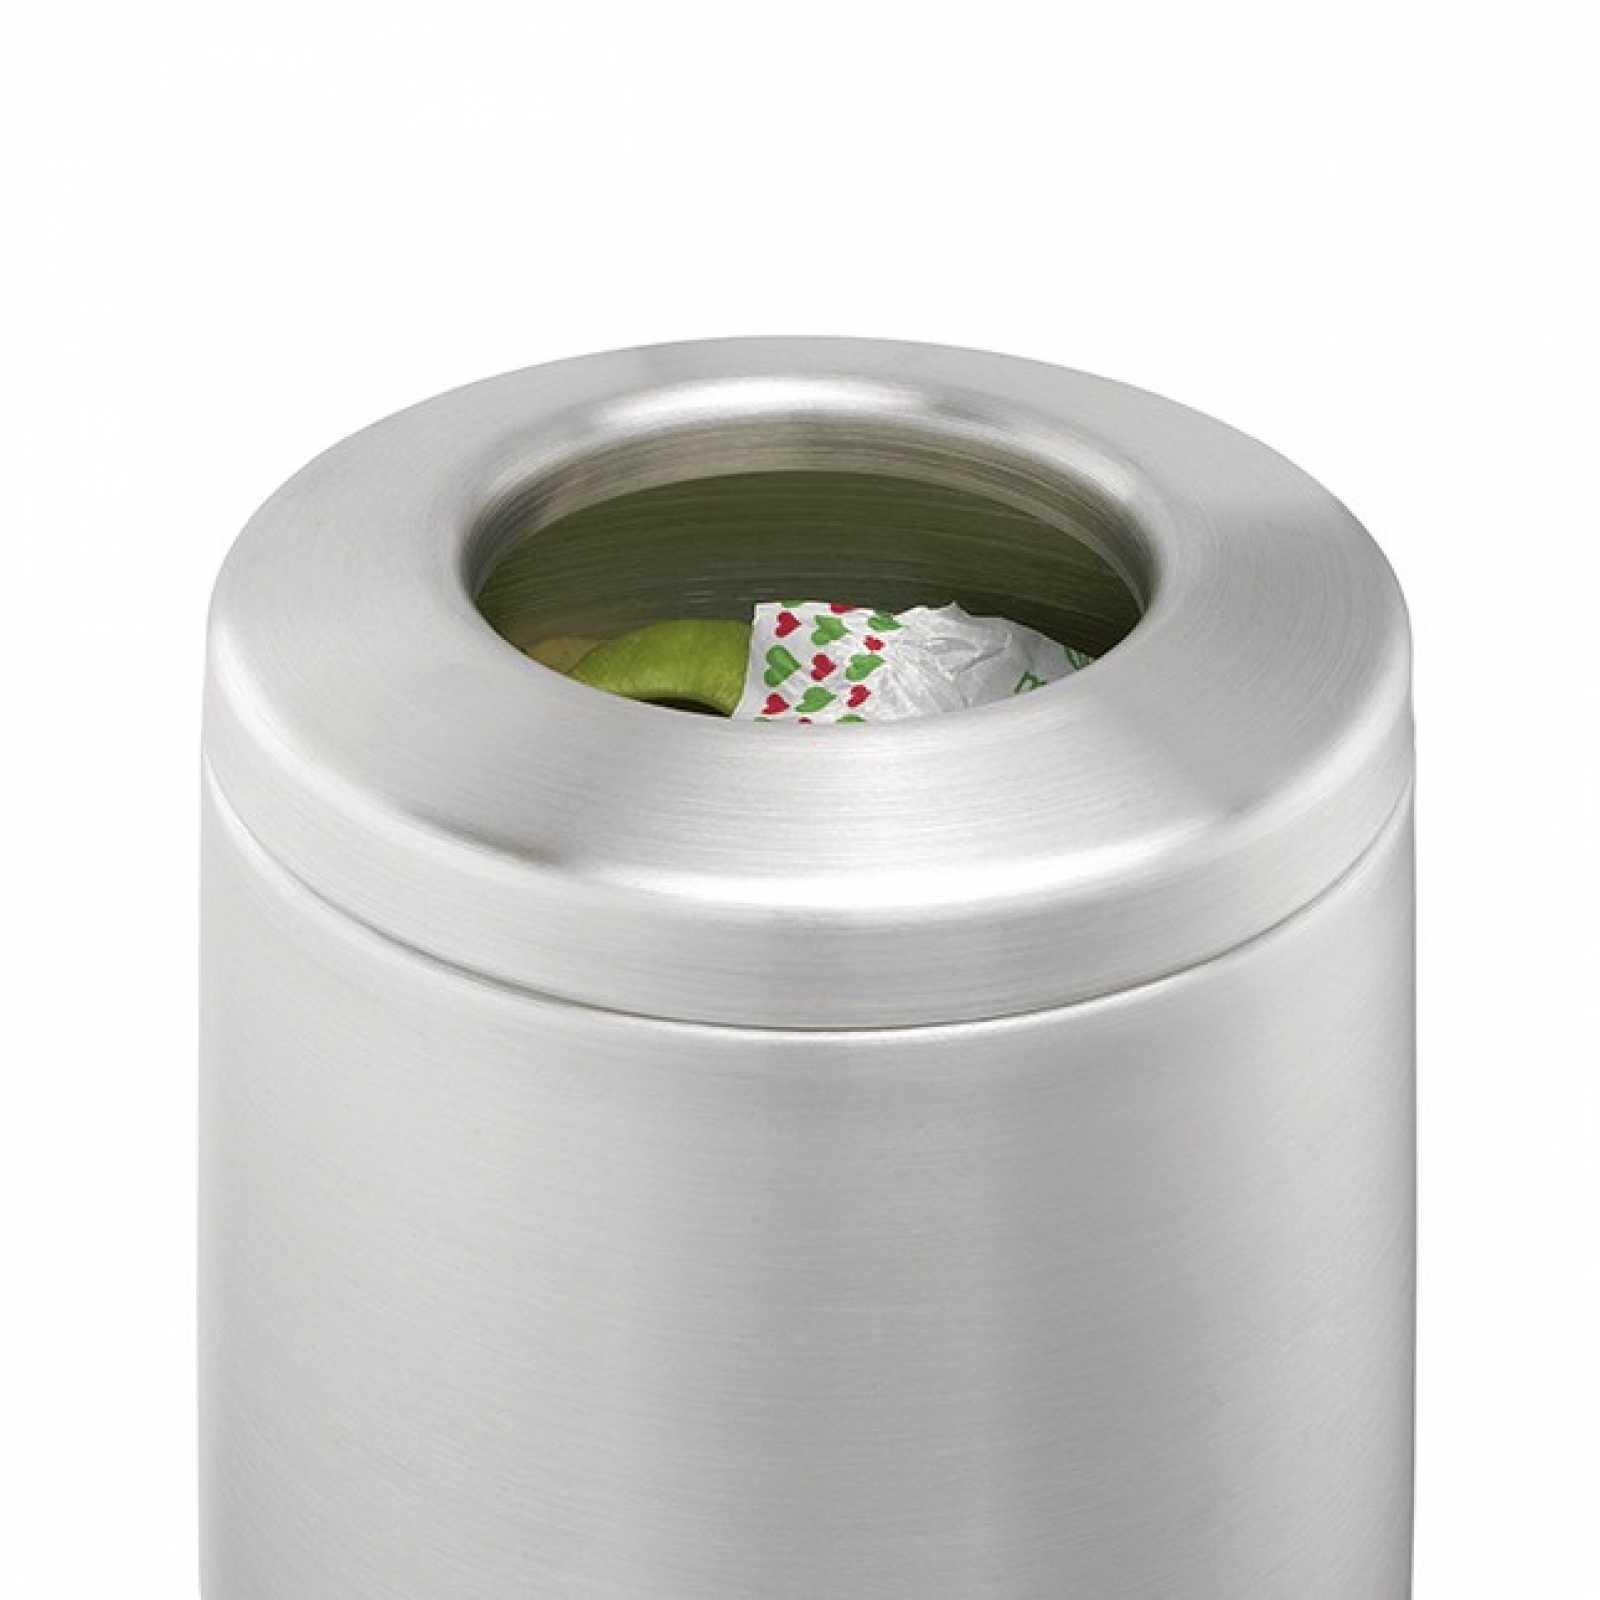 Контейнер для мусора настольный Brabantia, диаметр 14 см, высота 16,5 см, объем 1 л Brabantia 297960 фото 1